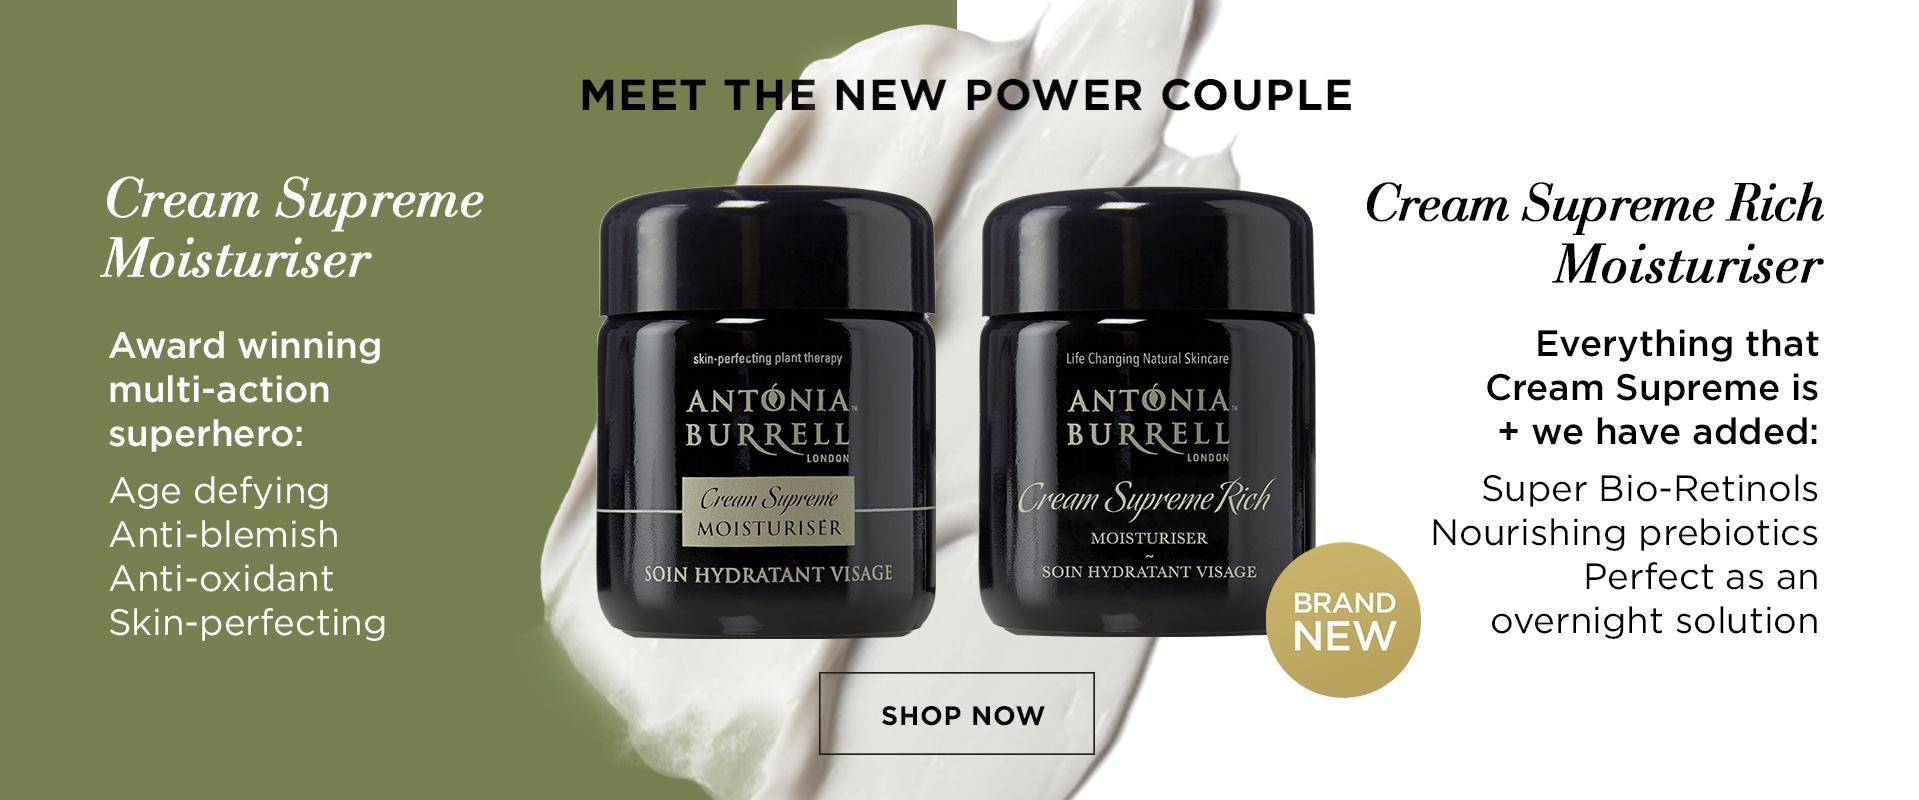 Antonia Burrell Cream Supreme and Cream Supreme Rich